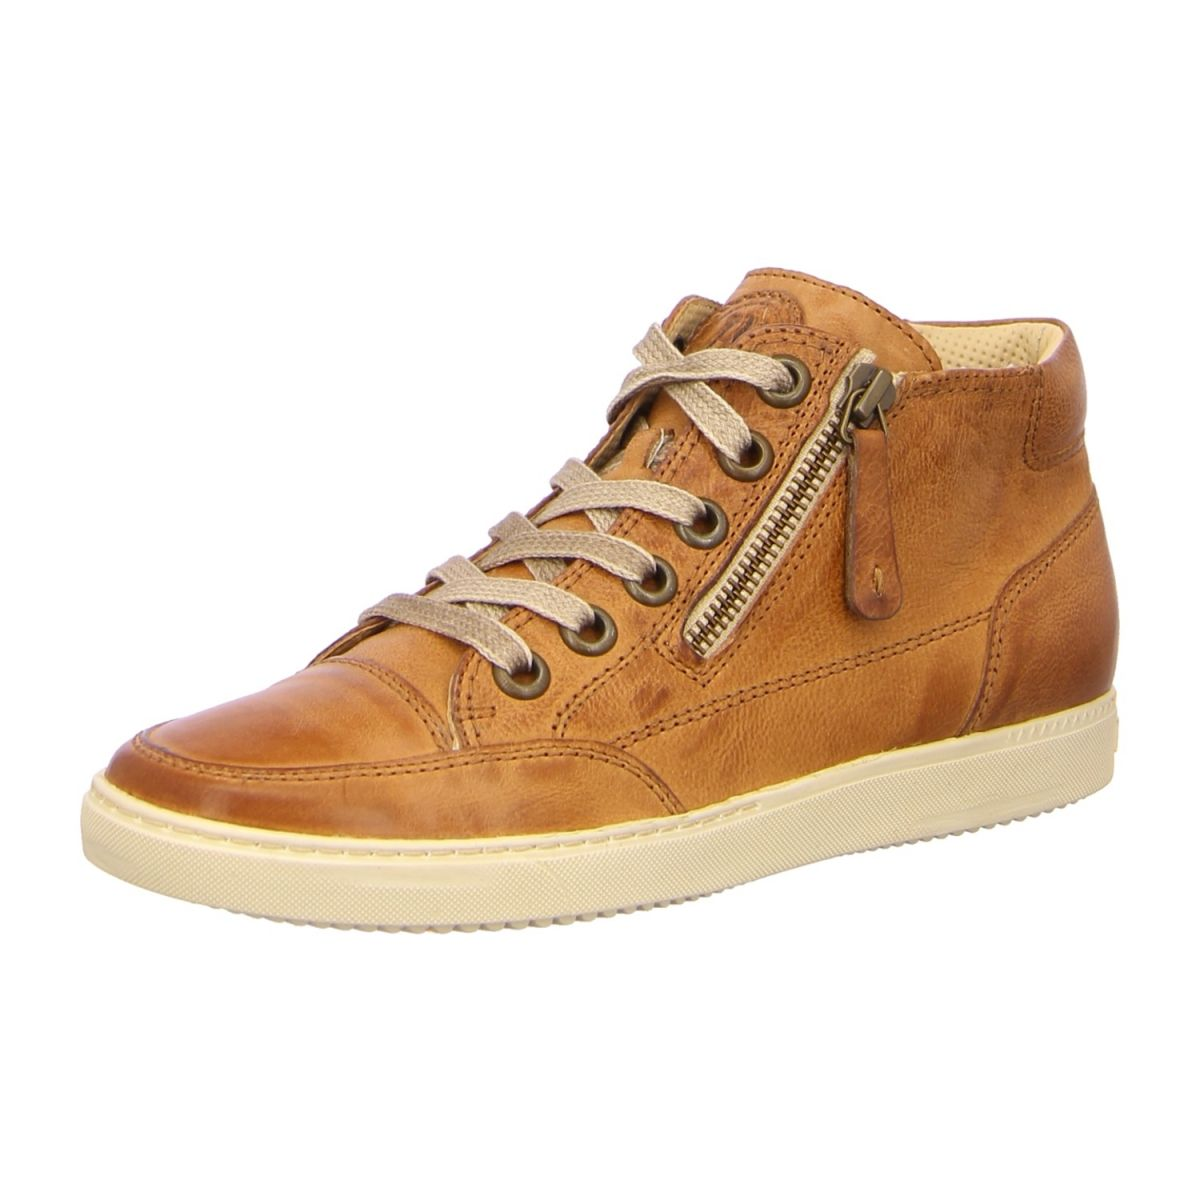 Paul Green Sneaker braun | Schuhe damen, Damenschuhe, Schuhe